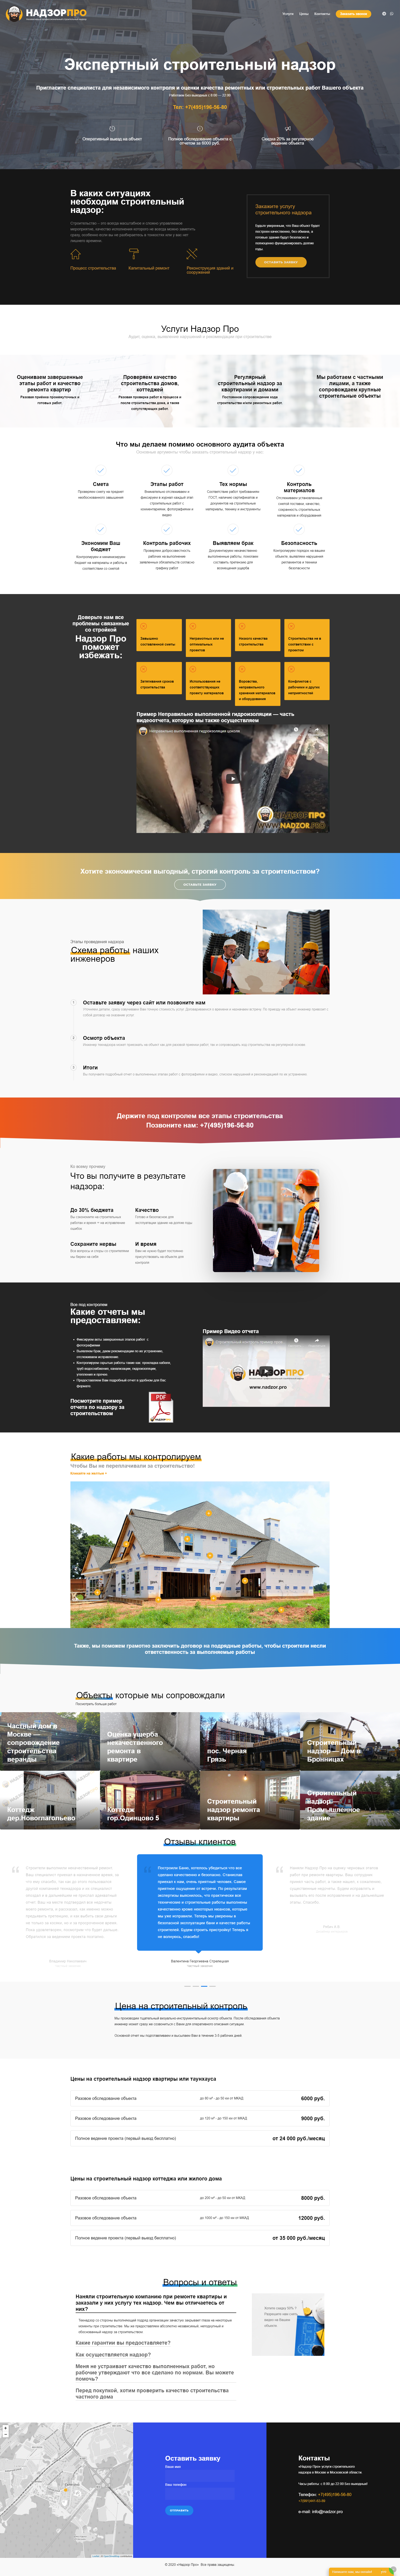 сайт услуг строительного надзора